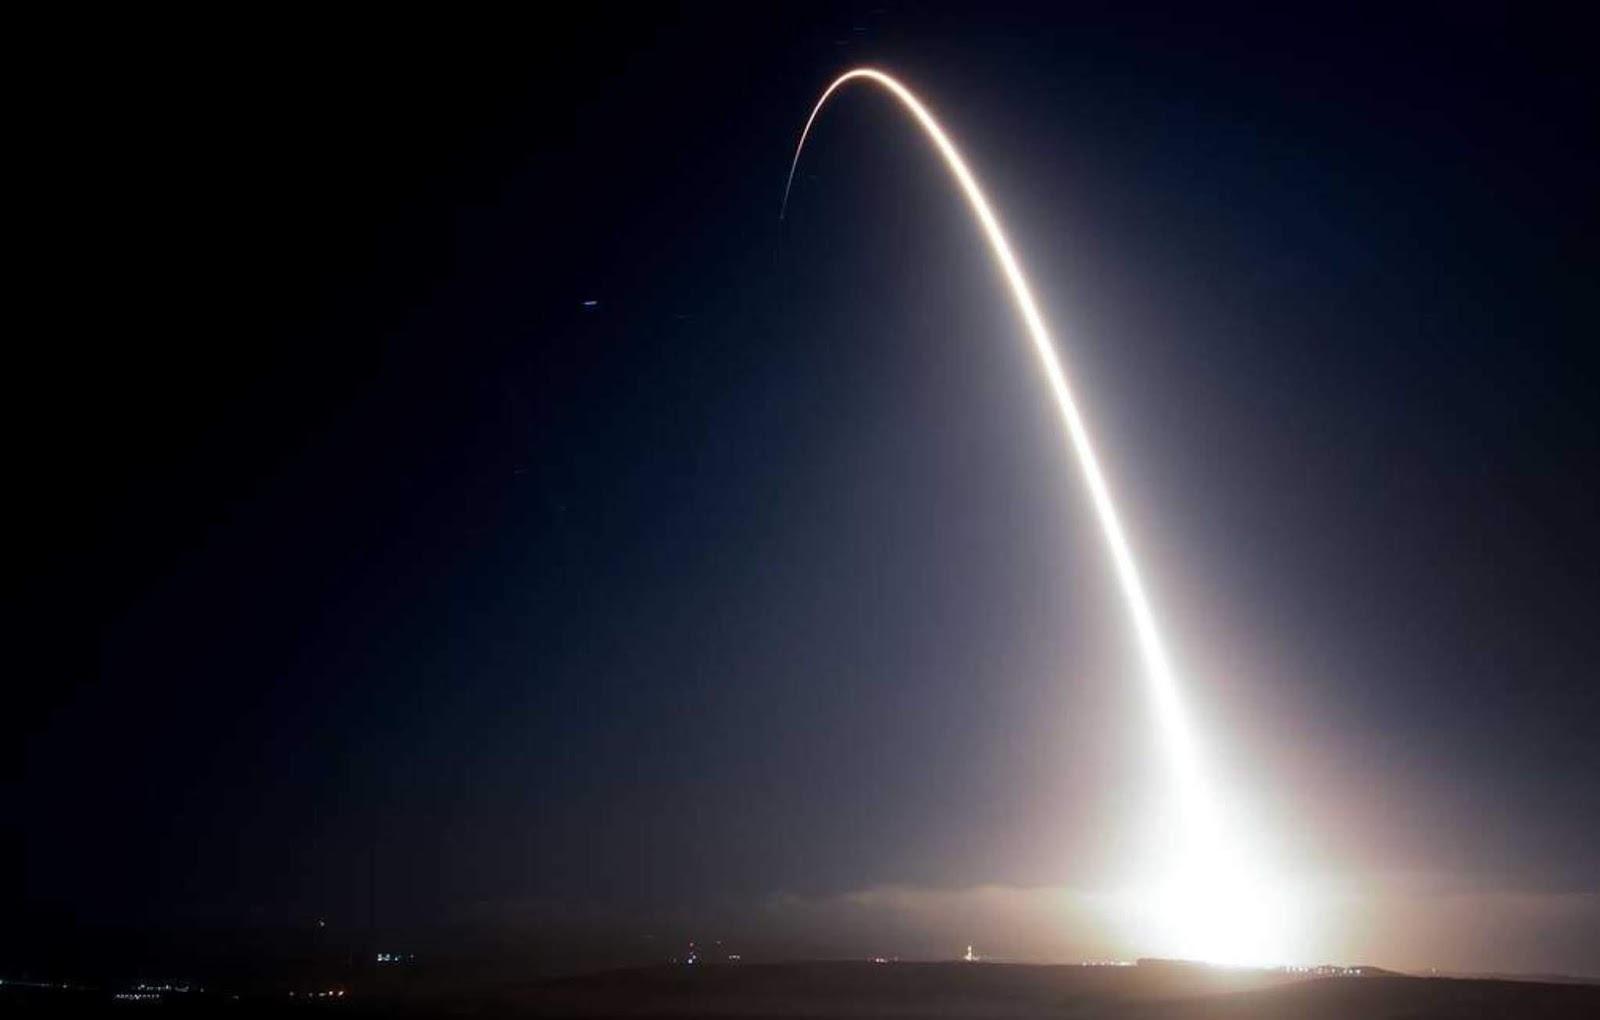 Amerika Serikat mulai memproduksi komponen rudal yang dilaran INF